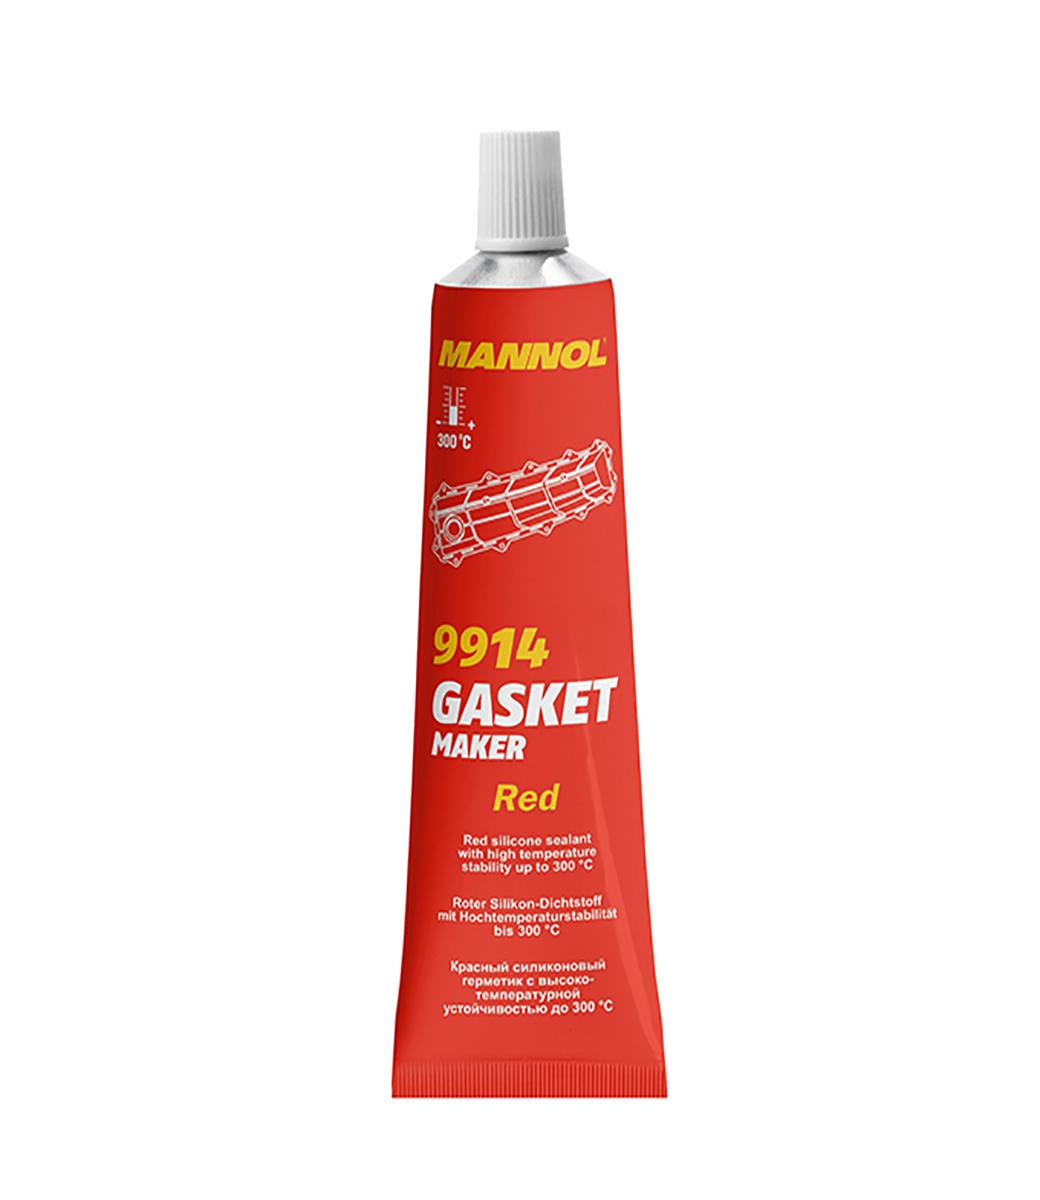 Gasket Maker Red